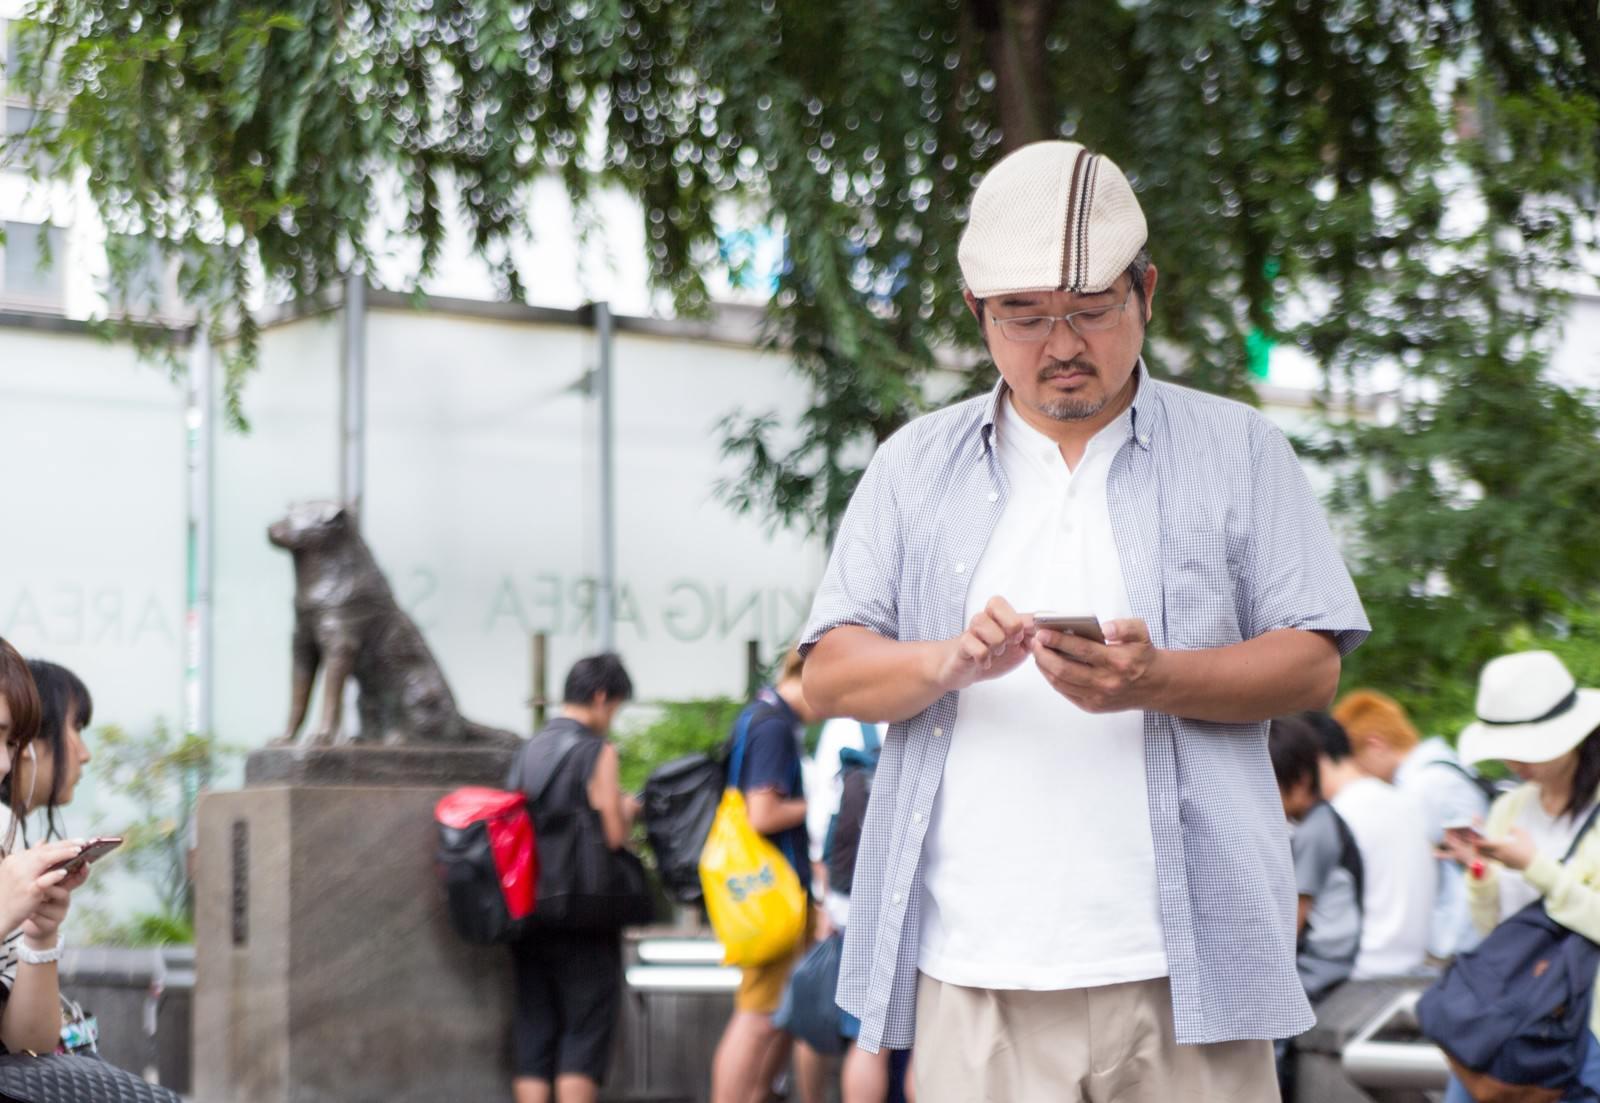 「ポケモノミクスに興じるハンチング帽子の男性」の写真[モデル:ナリシゲ]